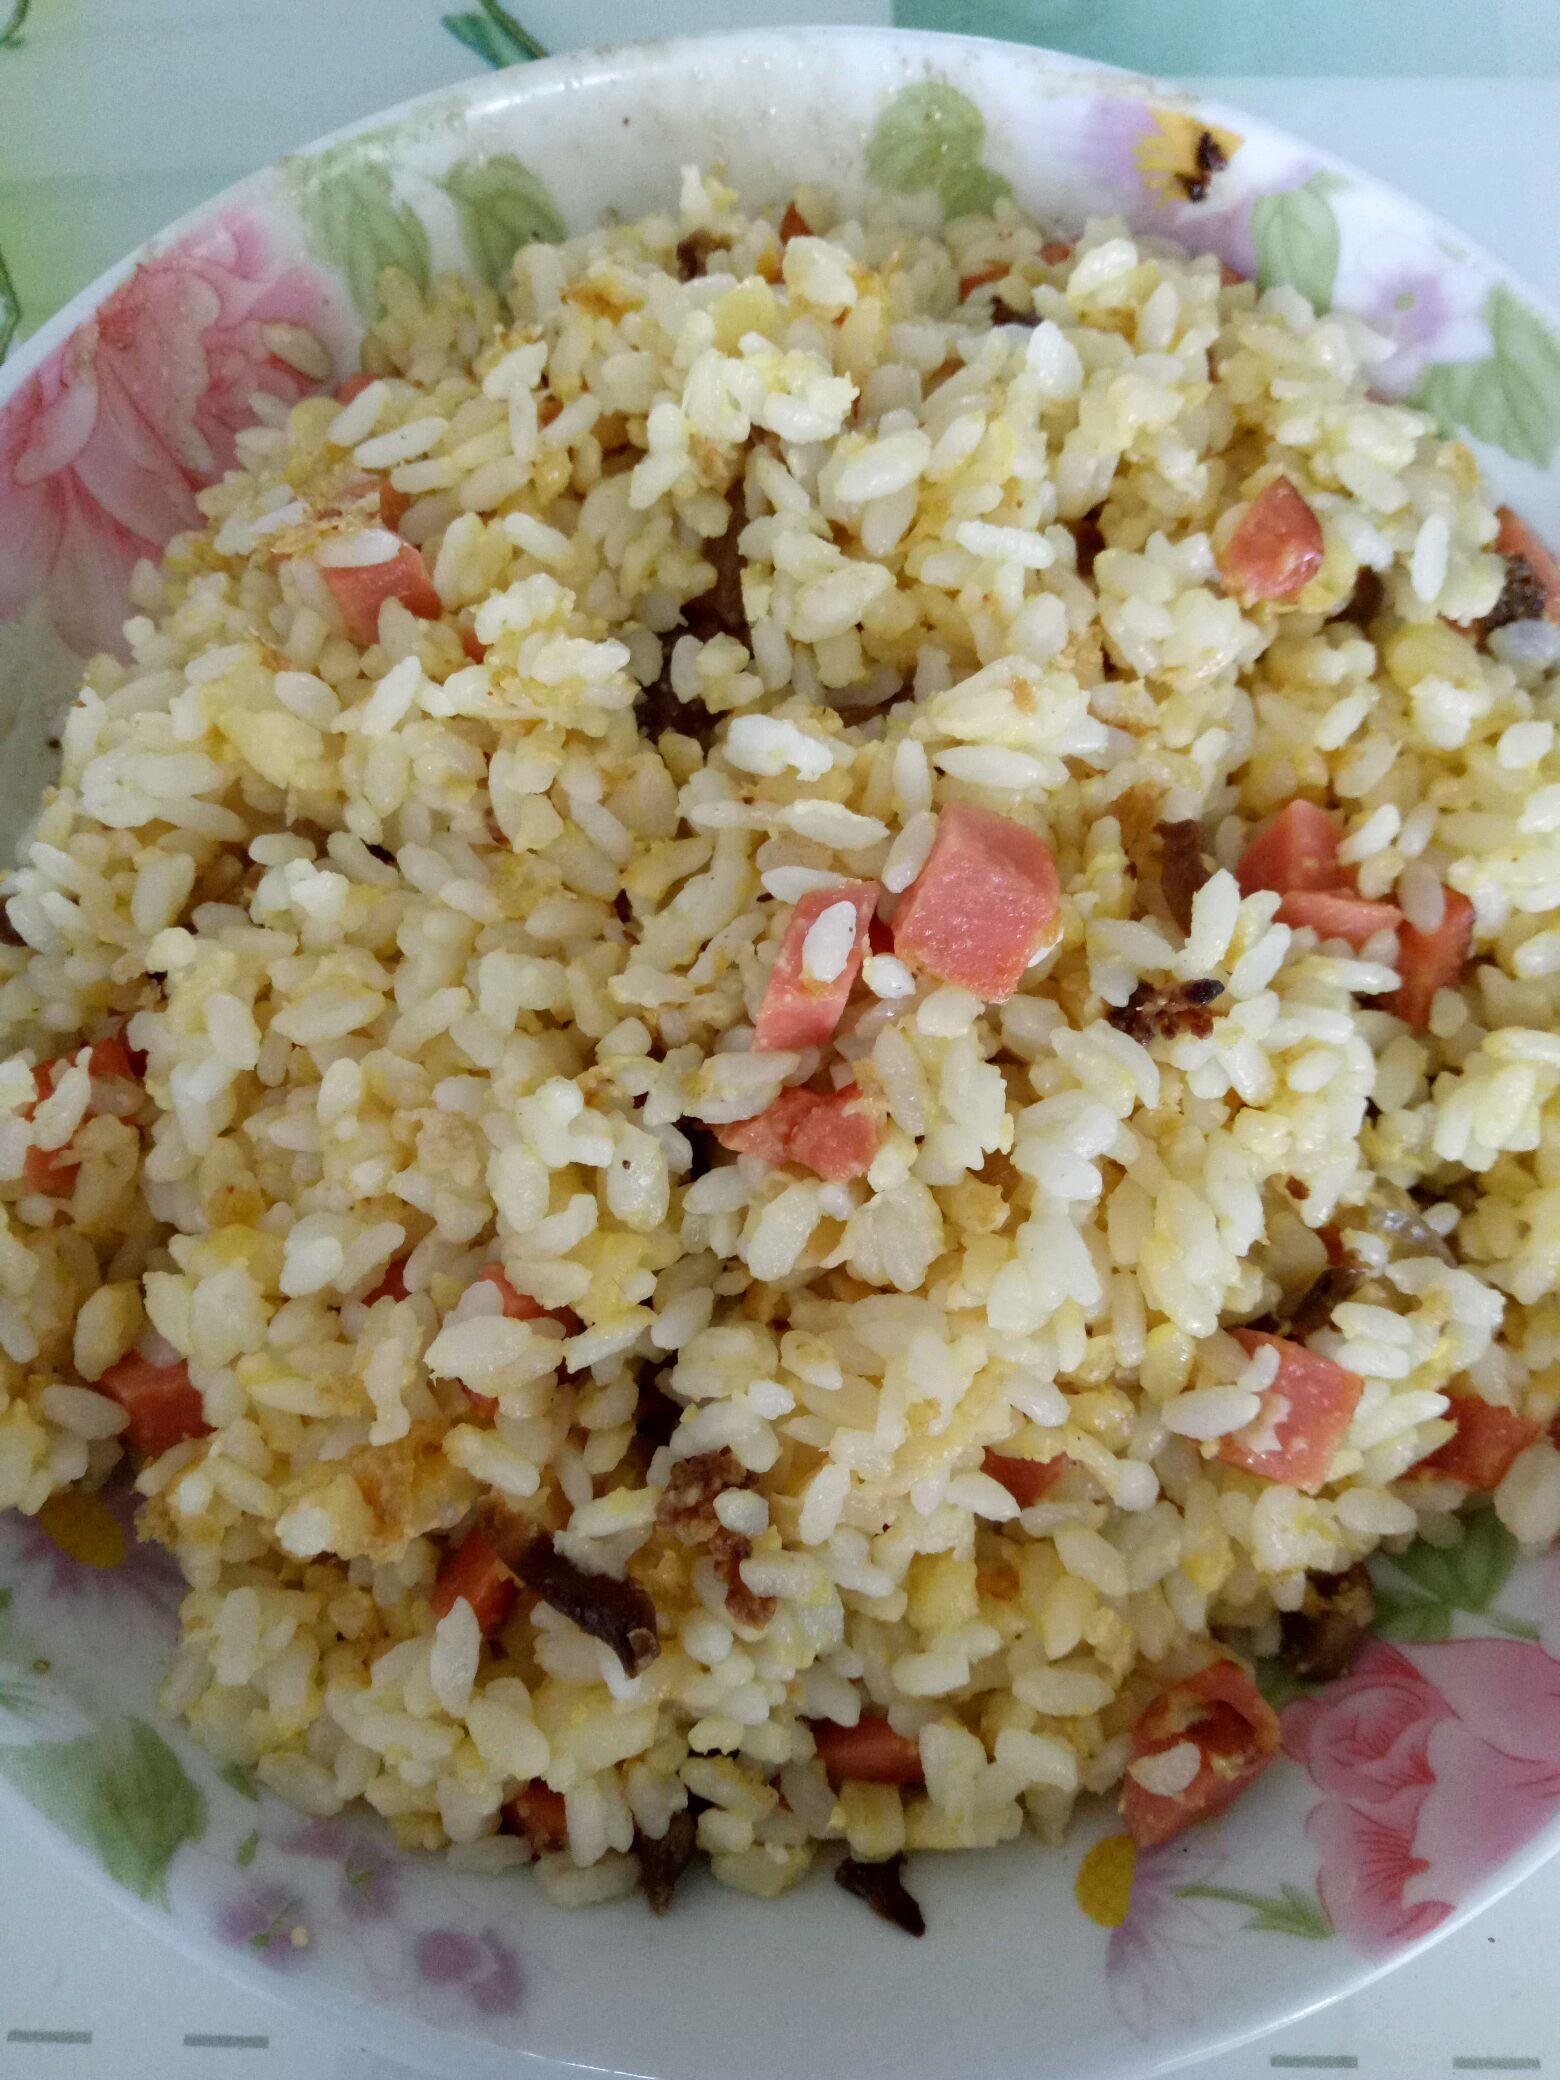 主料 鸡蛋两个 米饭适量 盐适量 火腿肠一根 蛋炒饭的做法步骤